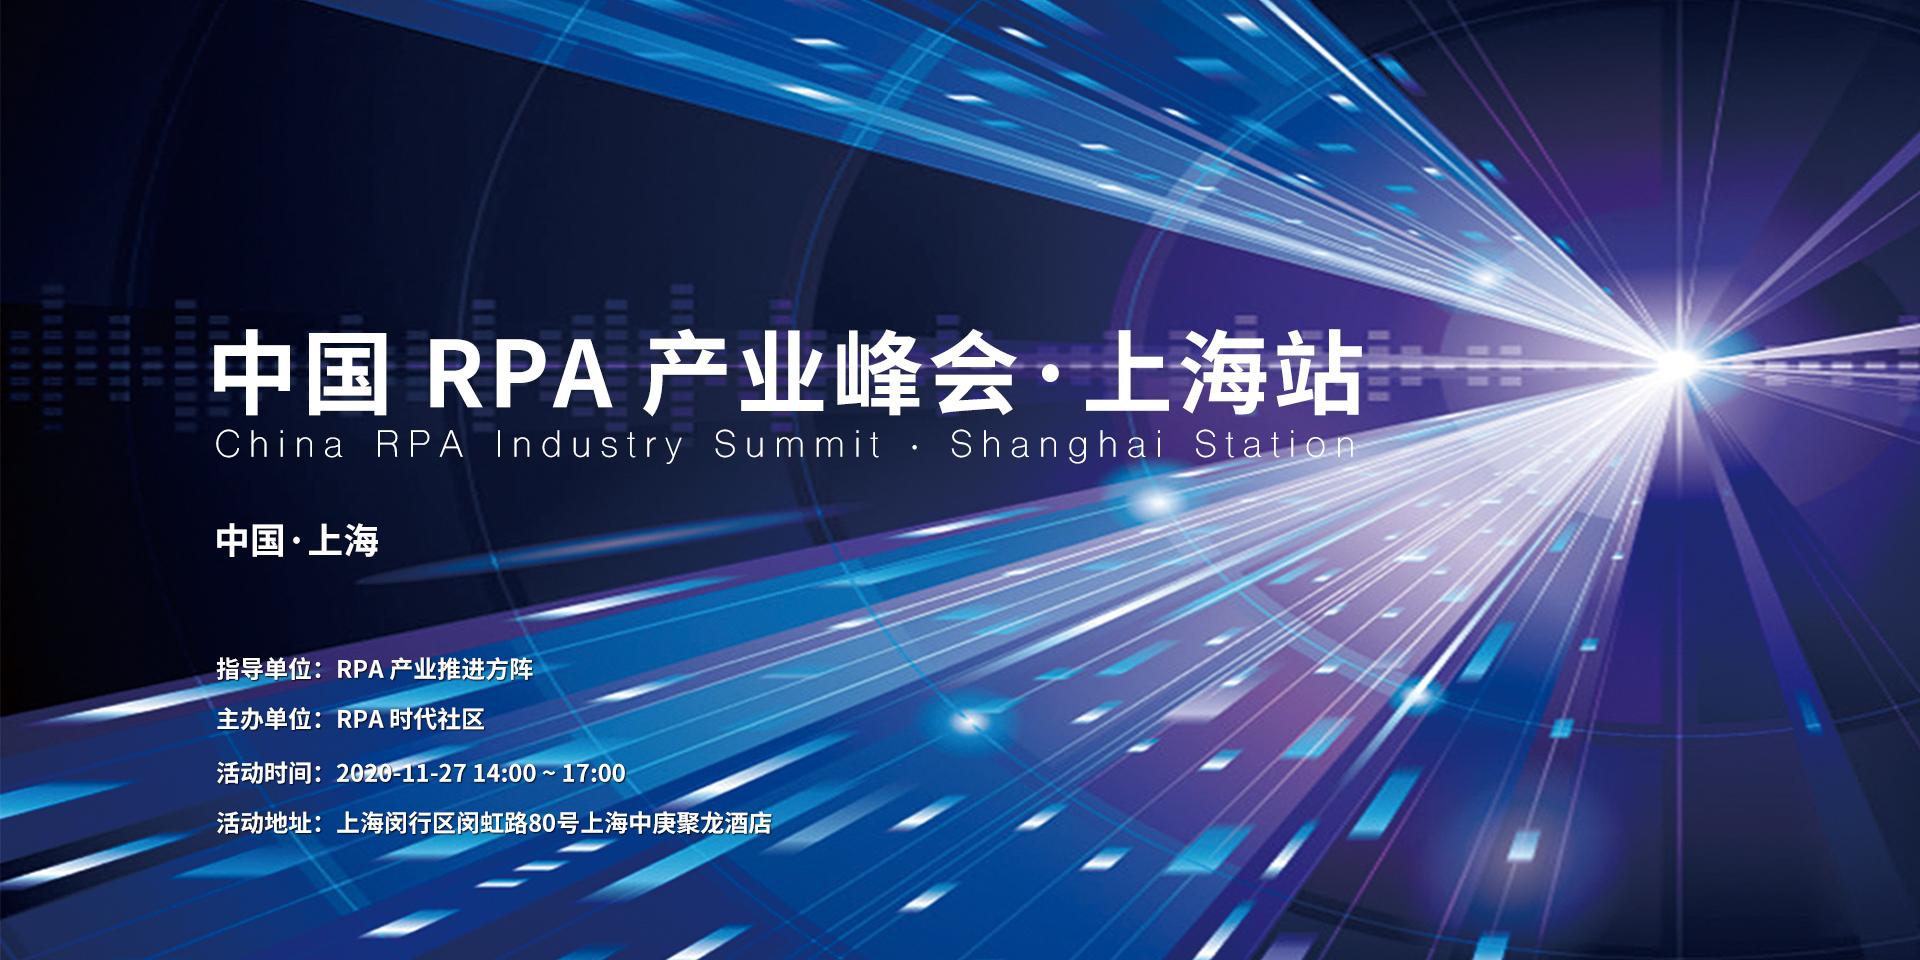 2020 中国 RPA 产业峰会·上海站